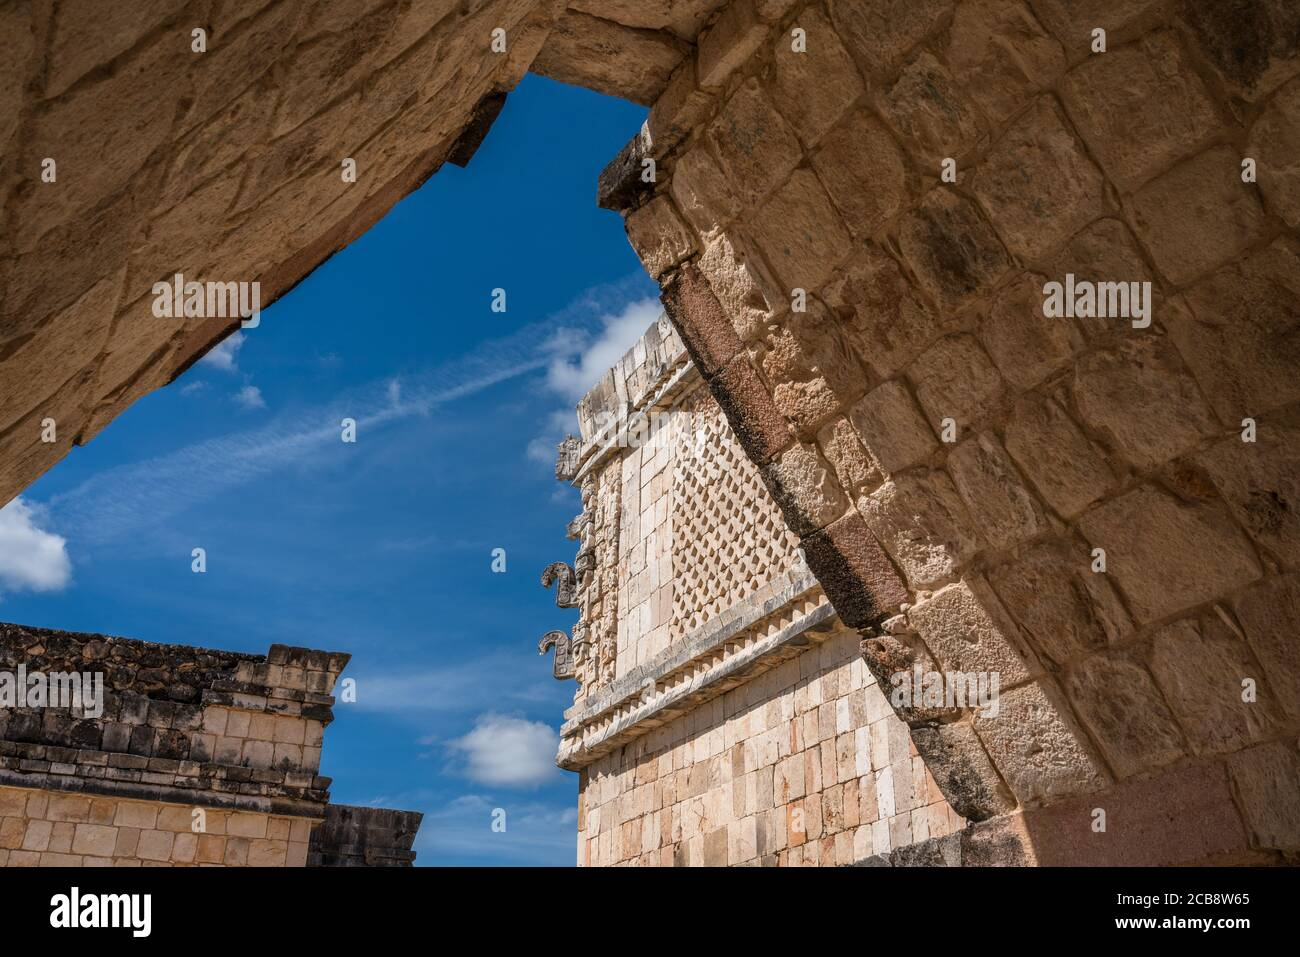 La vista a través de un arco en el Cuadrángulo de las aves en las ruinas de la ciudad maya de Uxmal en Yucatán, México. Las máscaras Chaac adornan la esquina de t Foto de stock